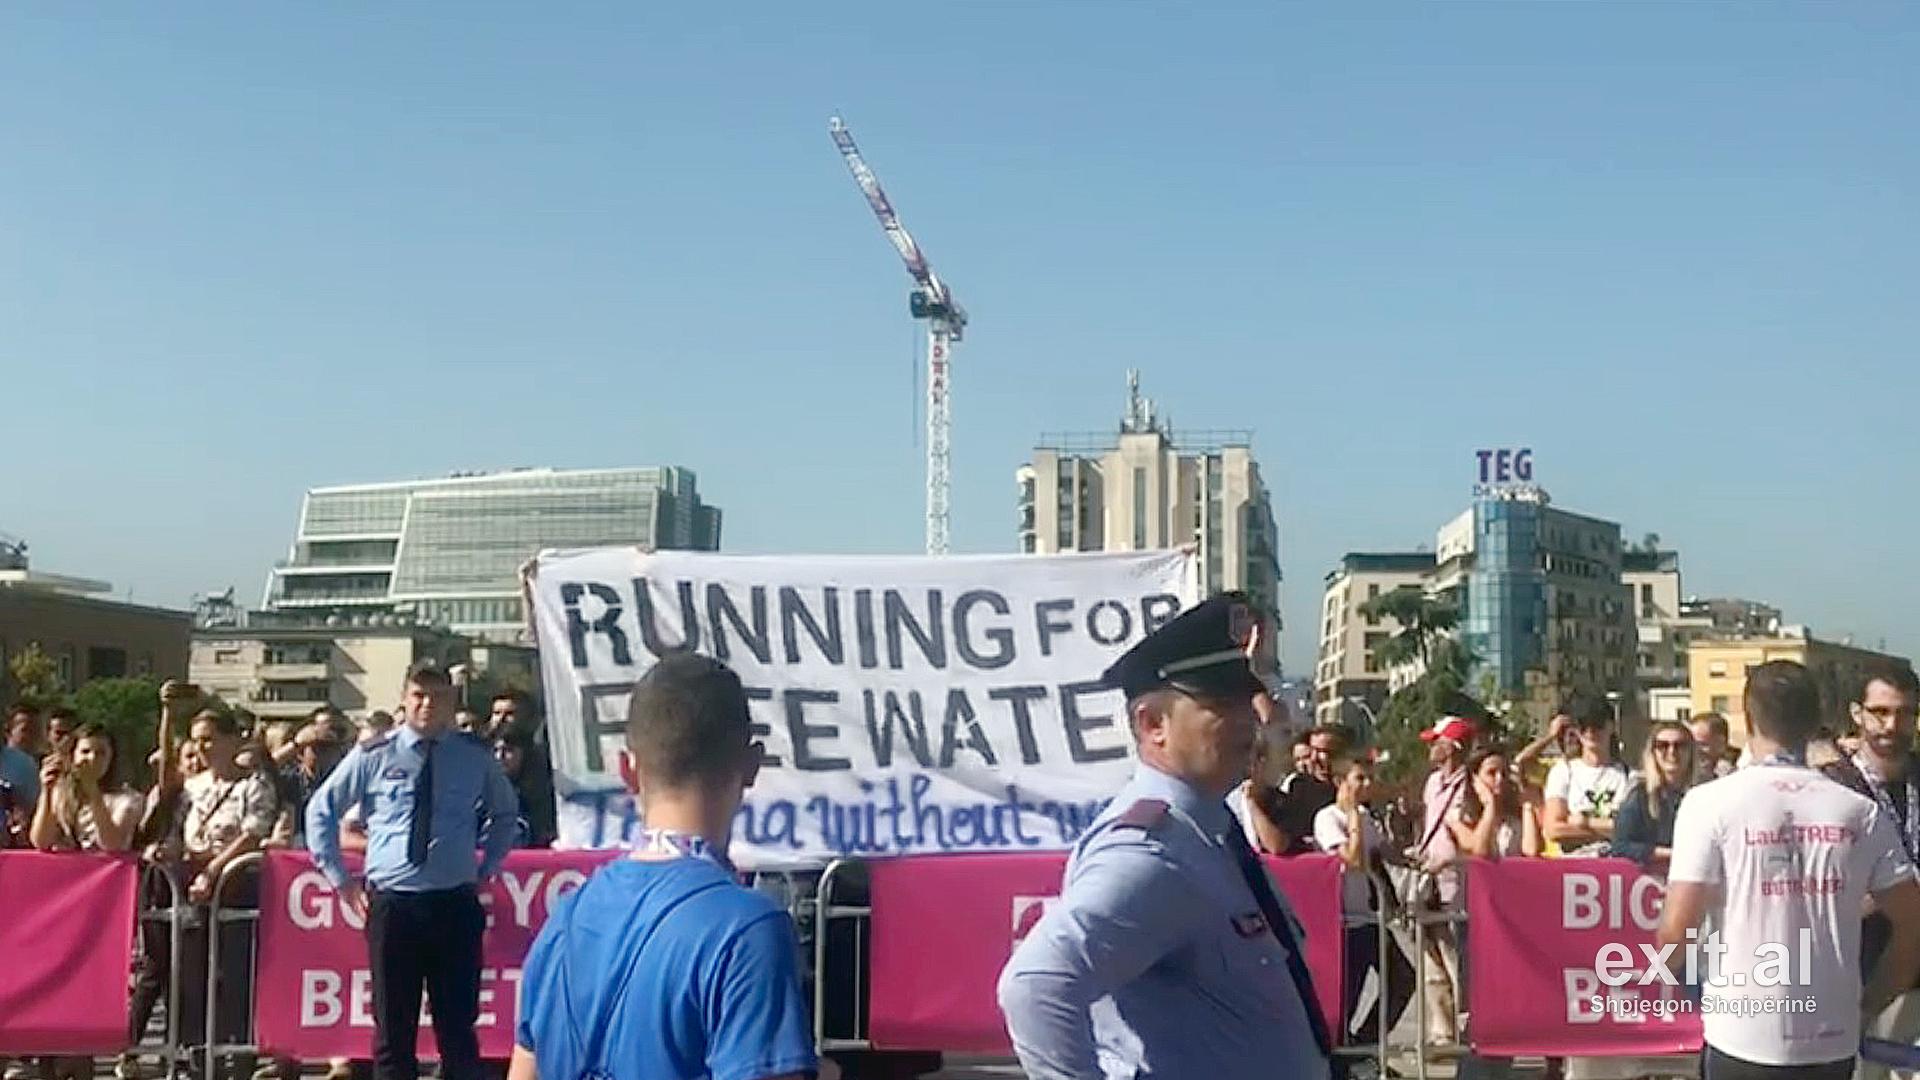 Maratona e Tiranës kthehet në protestë për ujin e pijshëm